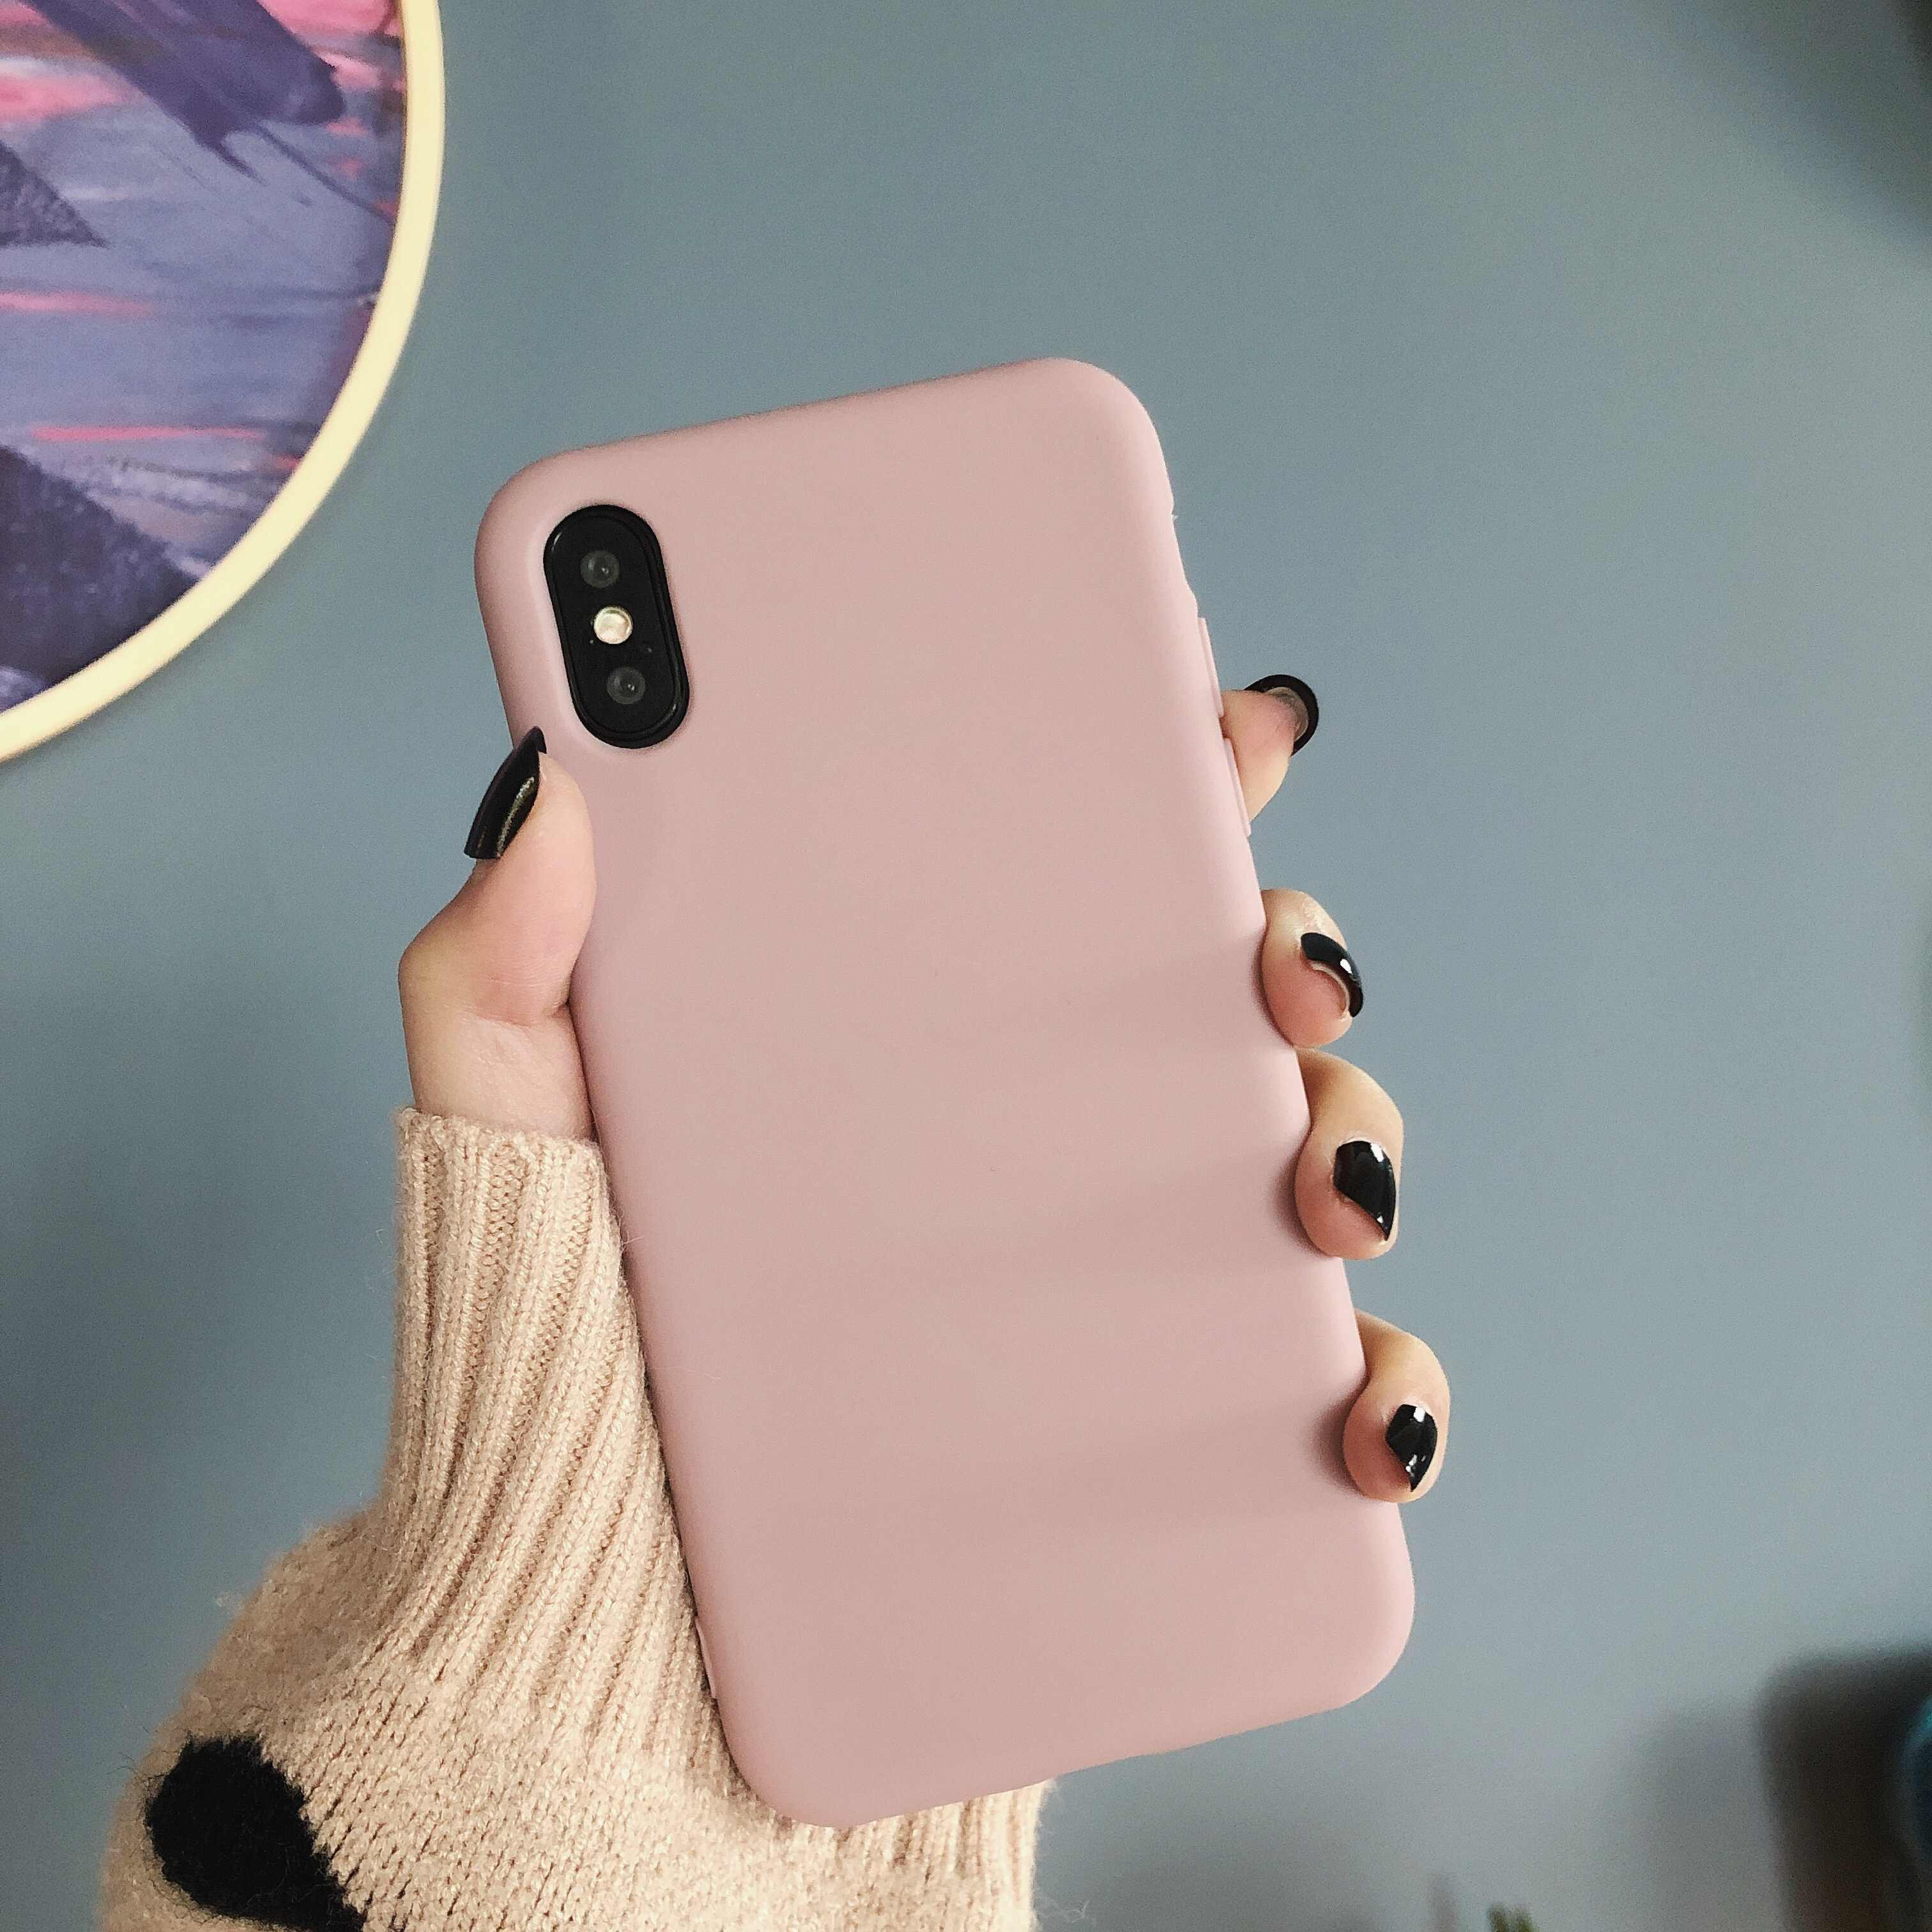 HYSOWENDLY яркие цвета чехол для телефона для Redmi 6 Note 7 мягкие ТПУ Силиконовые чехлы Мобильные аксессуары для Xiaomi 8 Lite 9SE Mix 2 2s